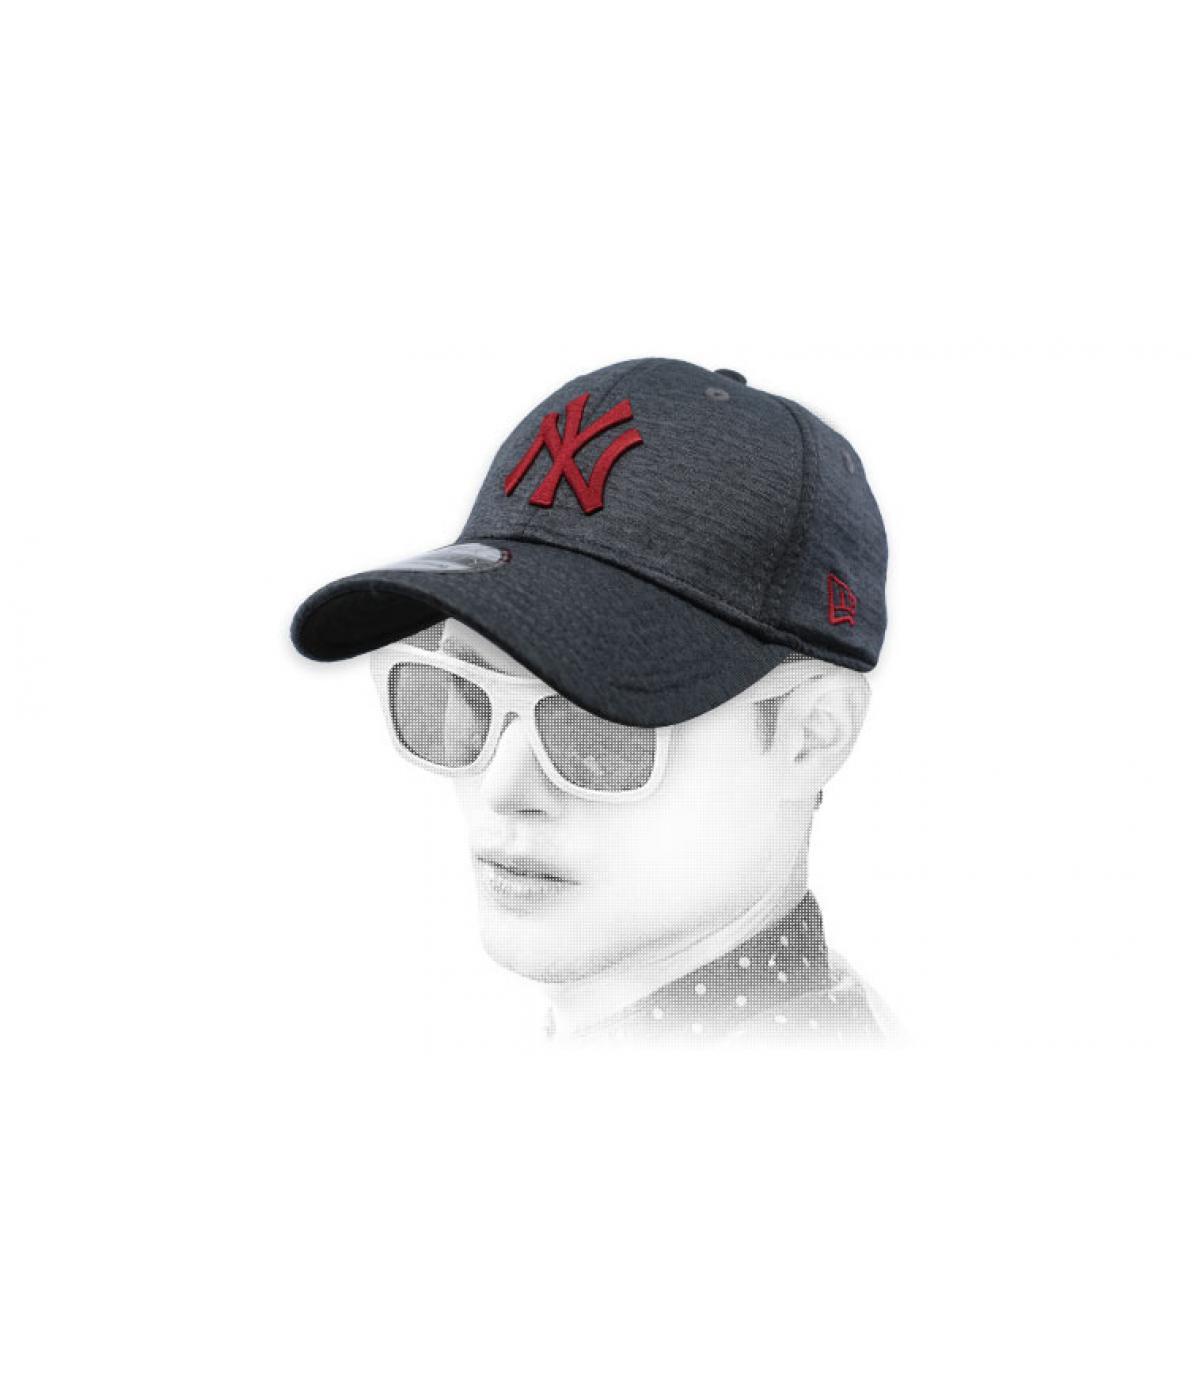 gorra NY negro gris